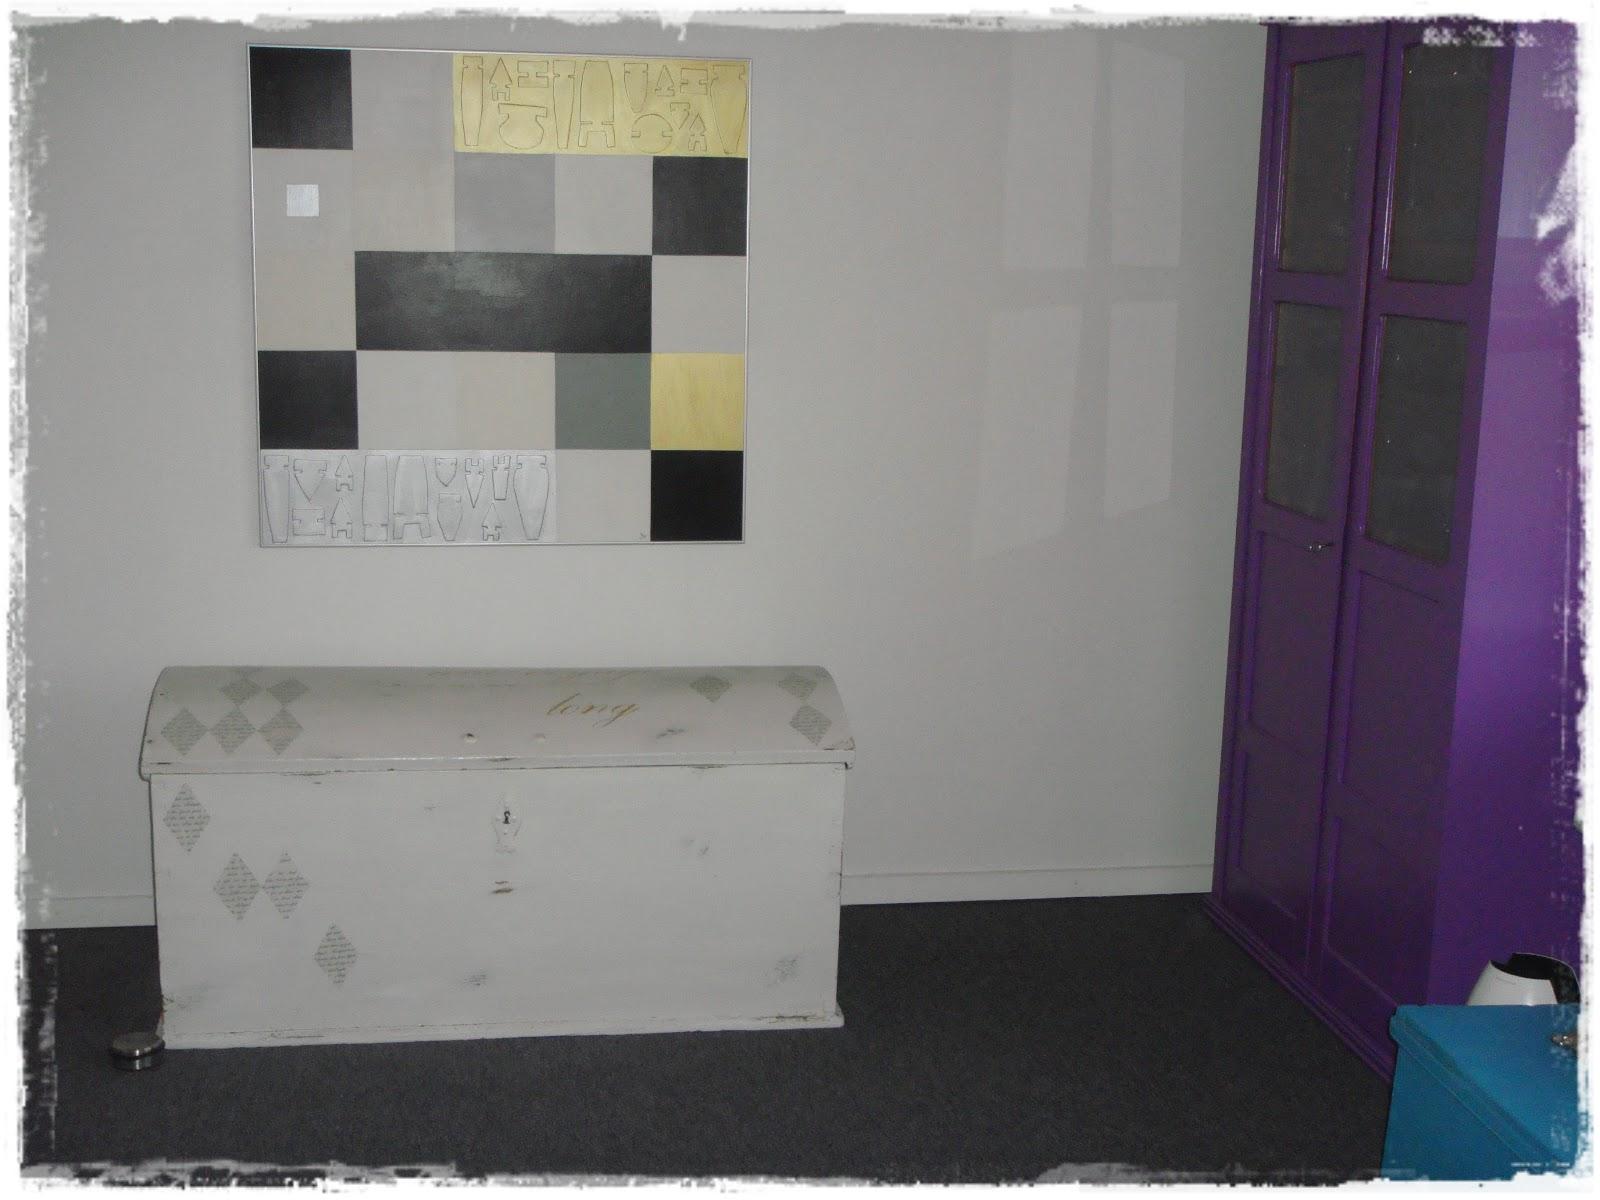 sysletrolden: Så er stuen møbleret igen.